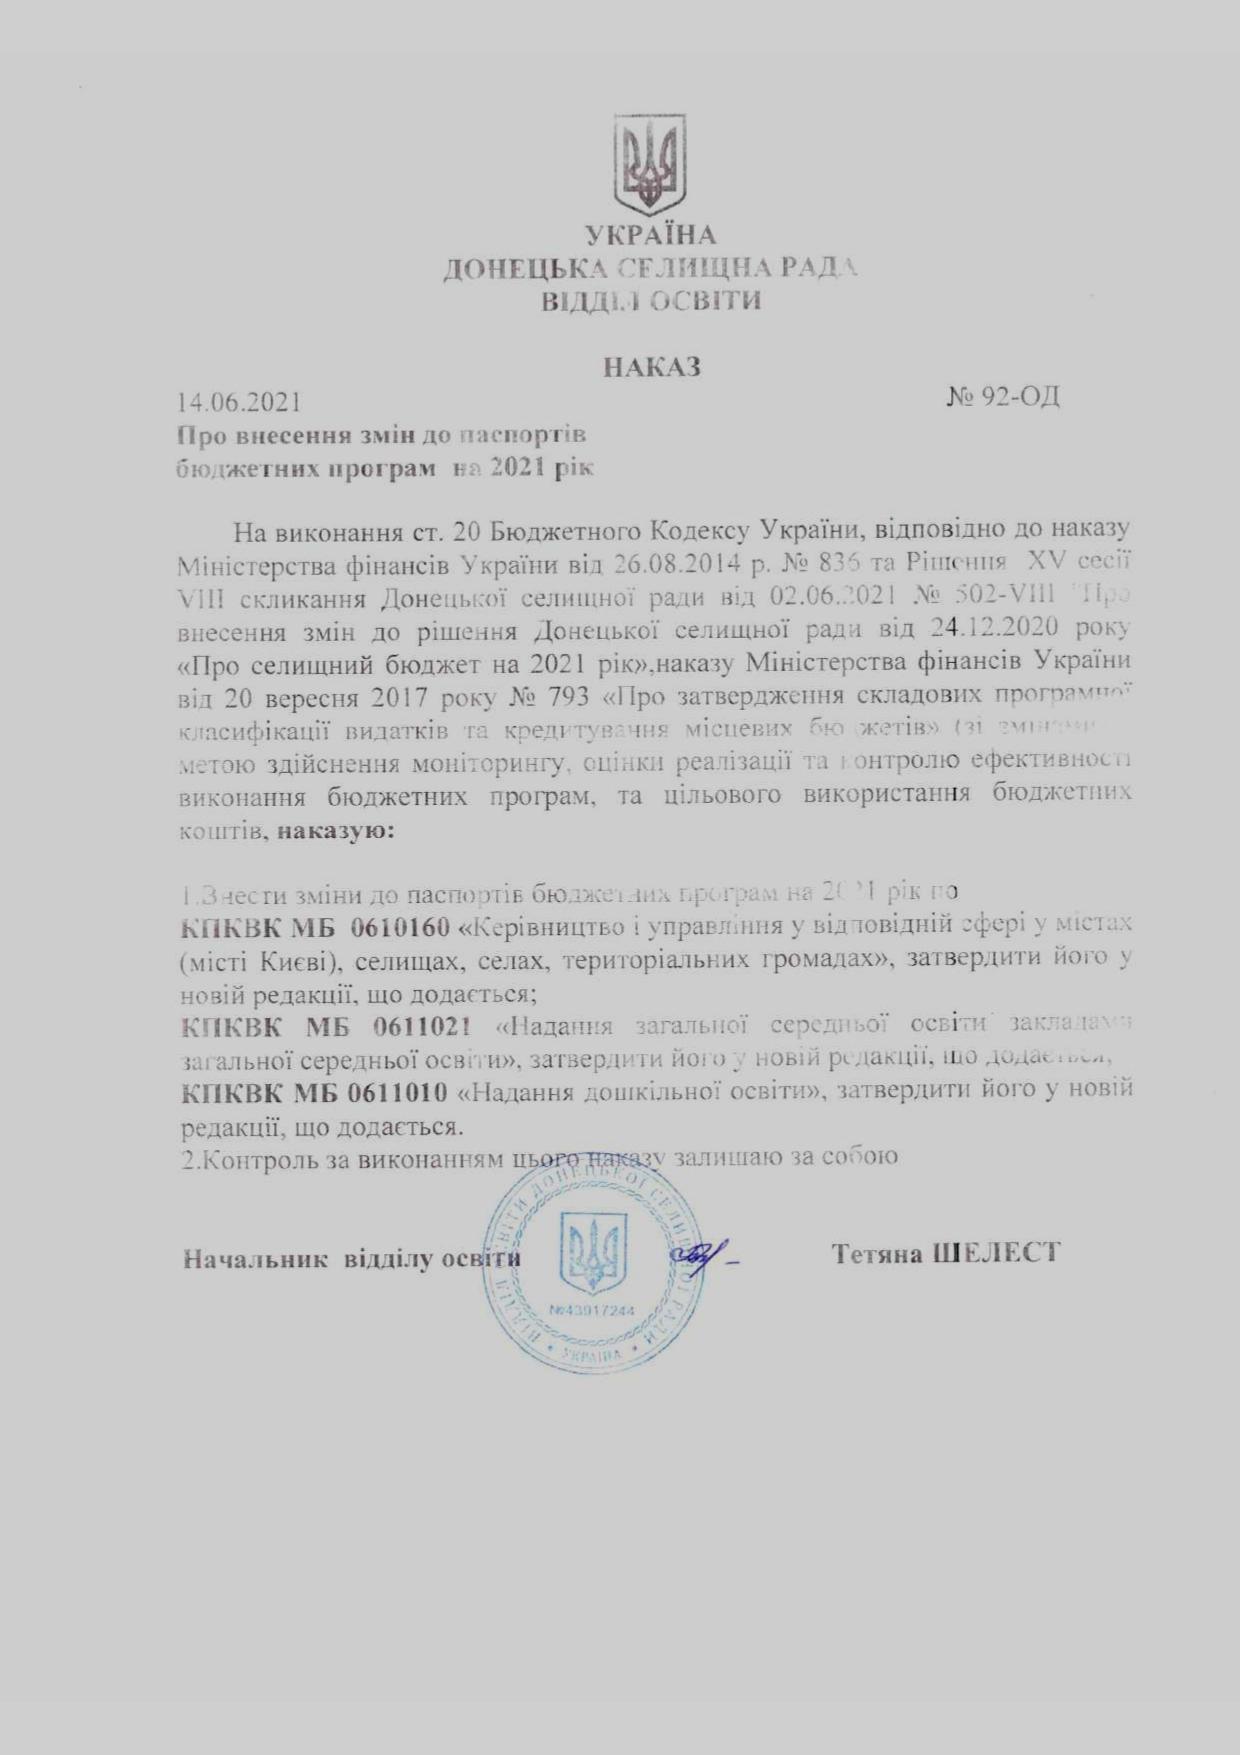 Наказ №92-ОД Про внесення змін до паспортів бюджетних програм на 2021 рік та ПАСПОРТИ бюджетних програм